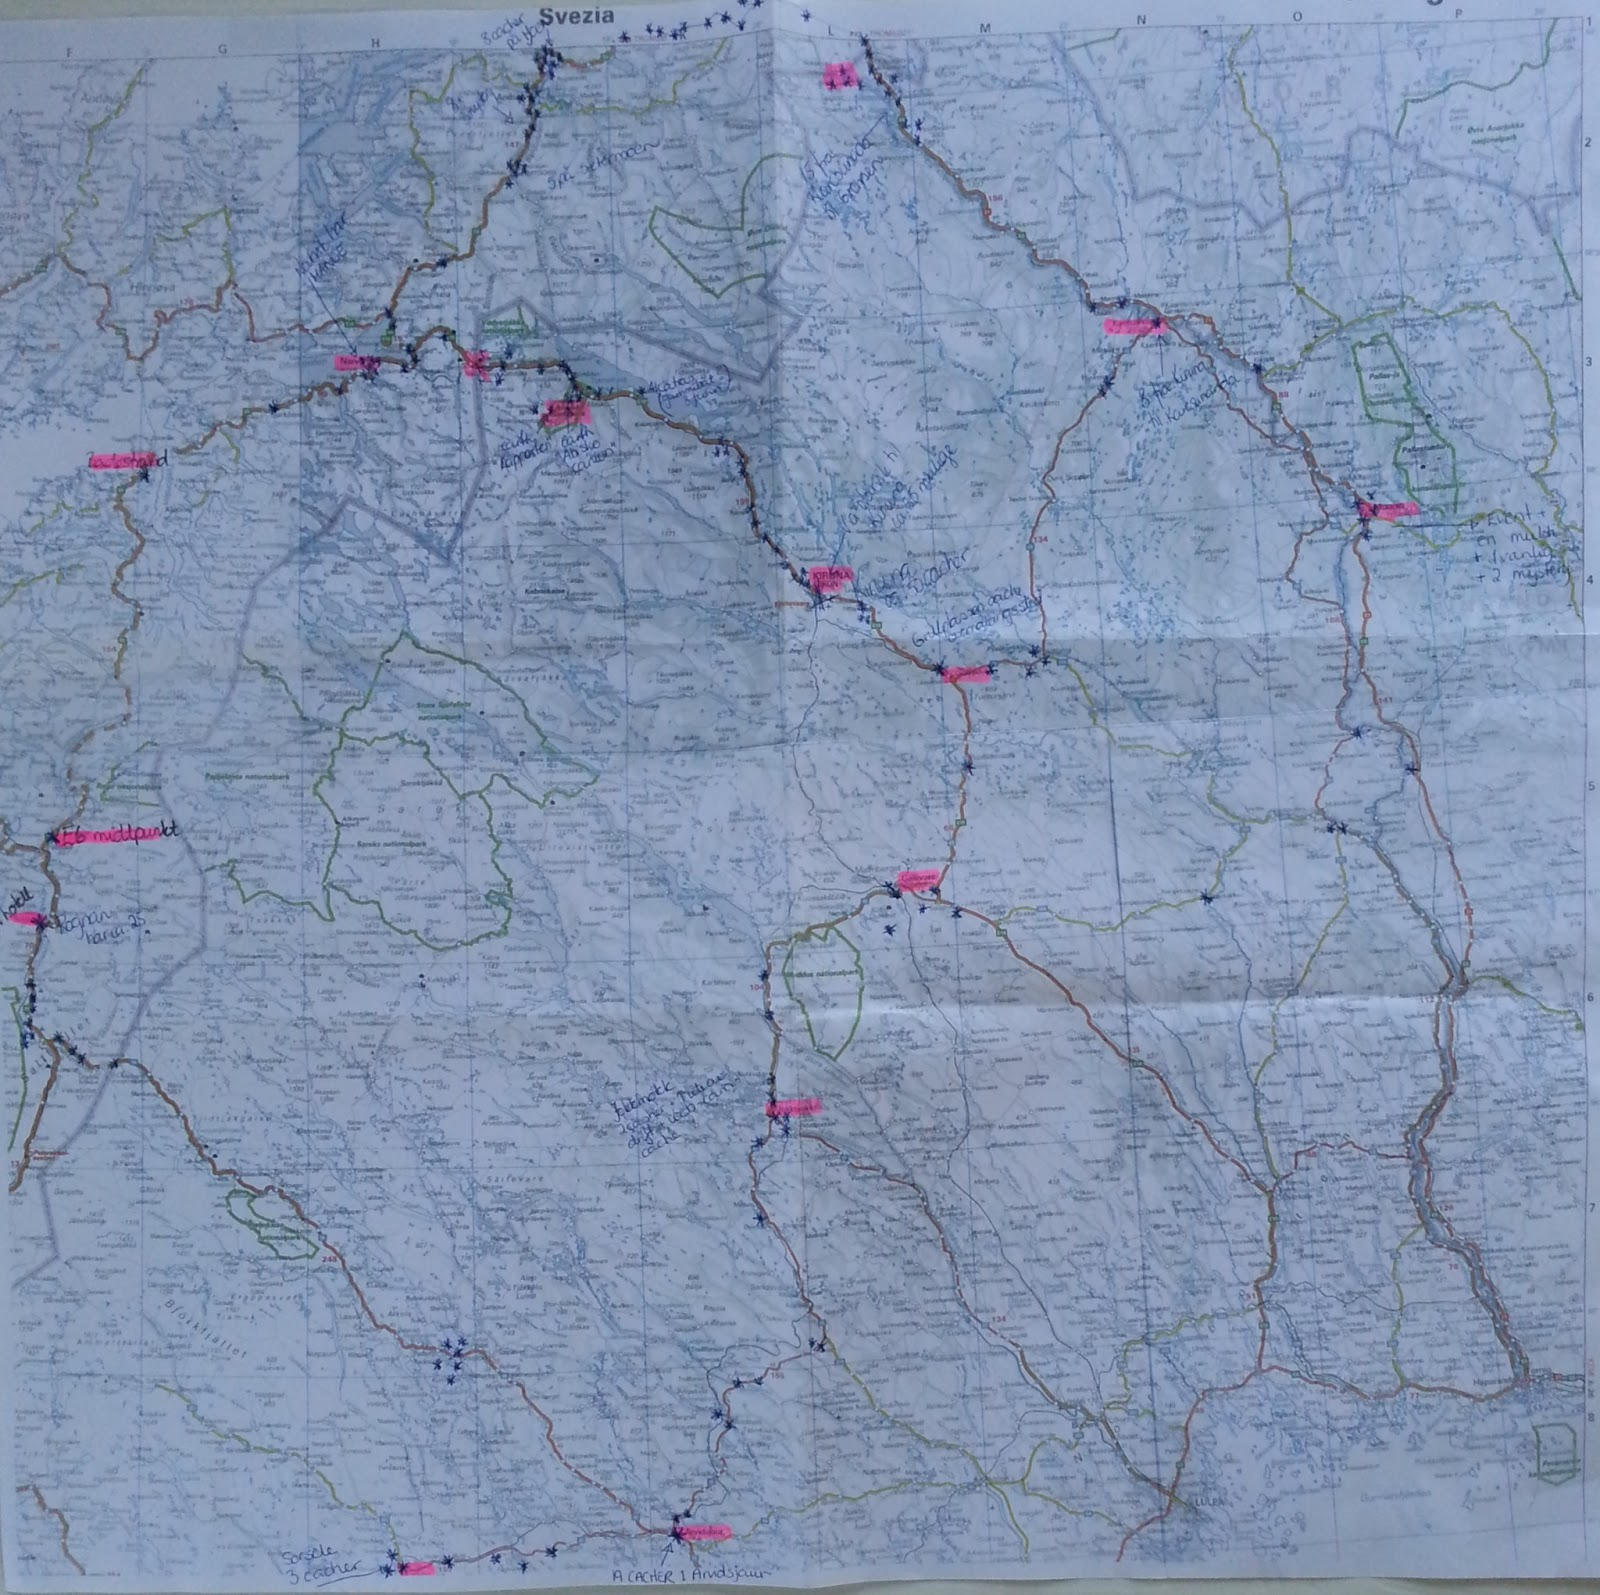 kart kjørerute norge sverige Villmarkshjerte: Jeg GLEDER meg til